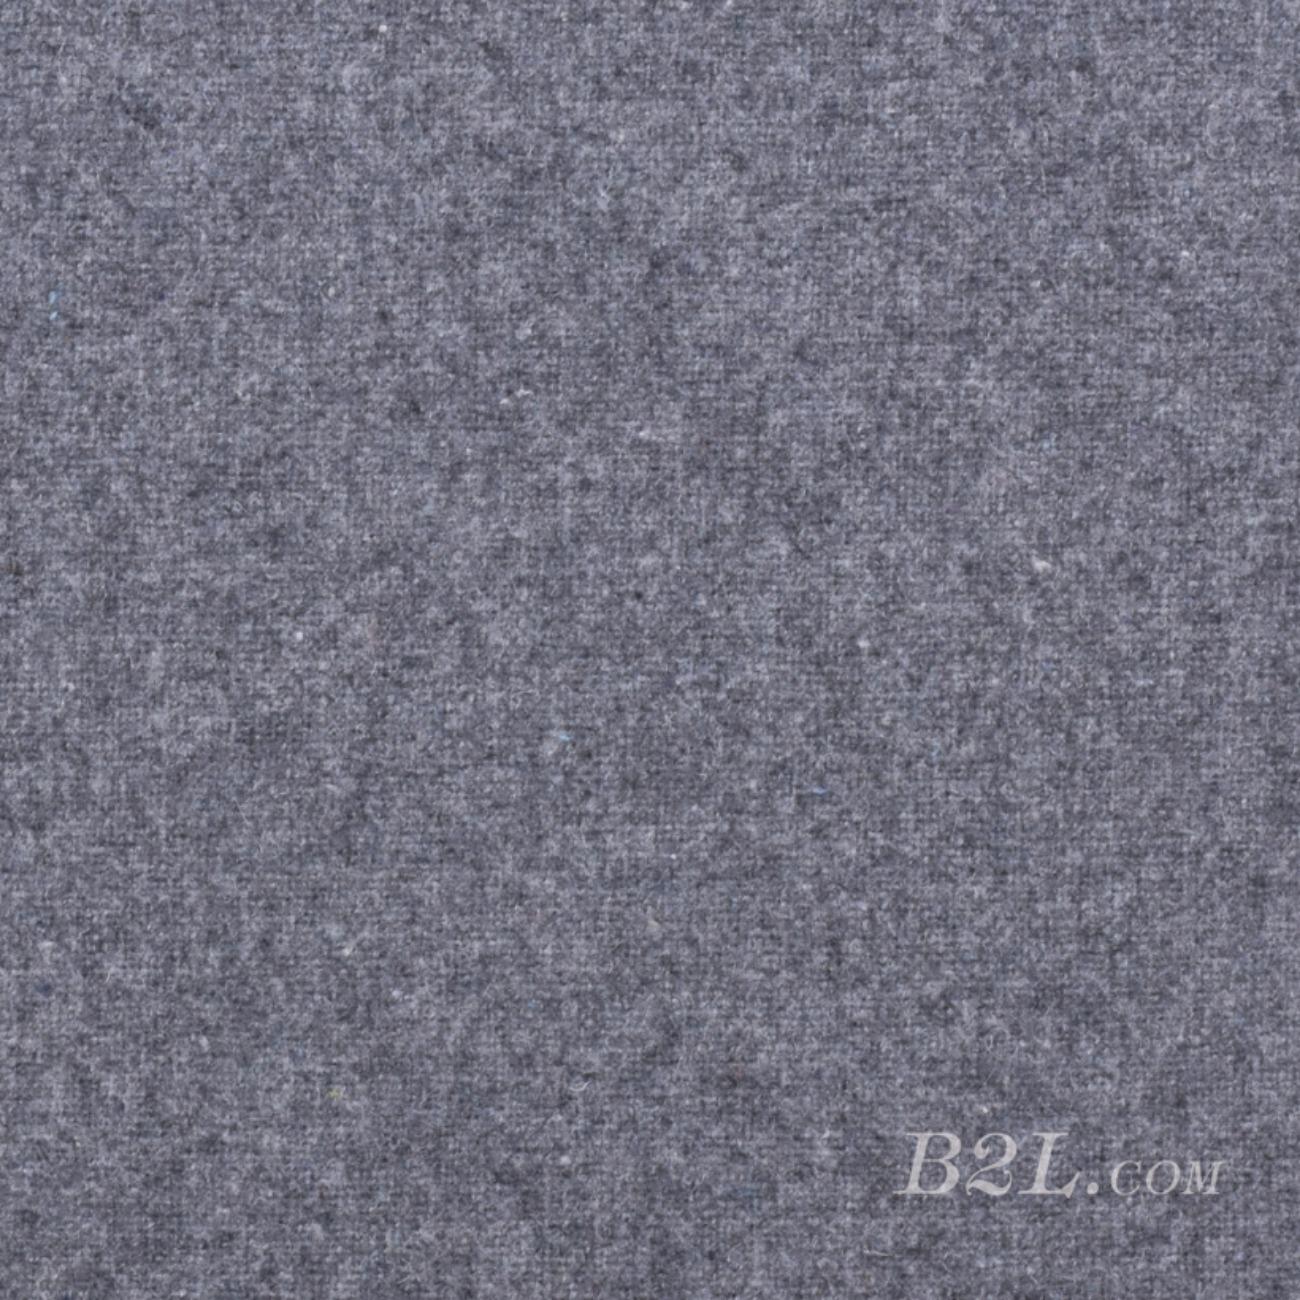 梭织染色毛纺法兰呢面料-秋冬外套半身裙面料91101-9